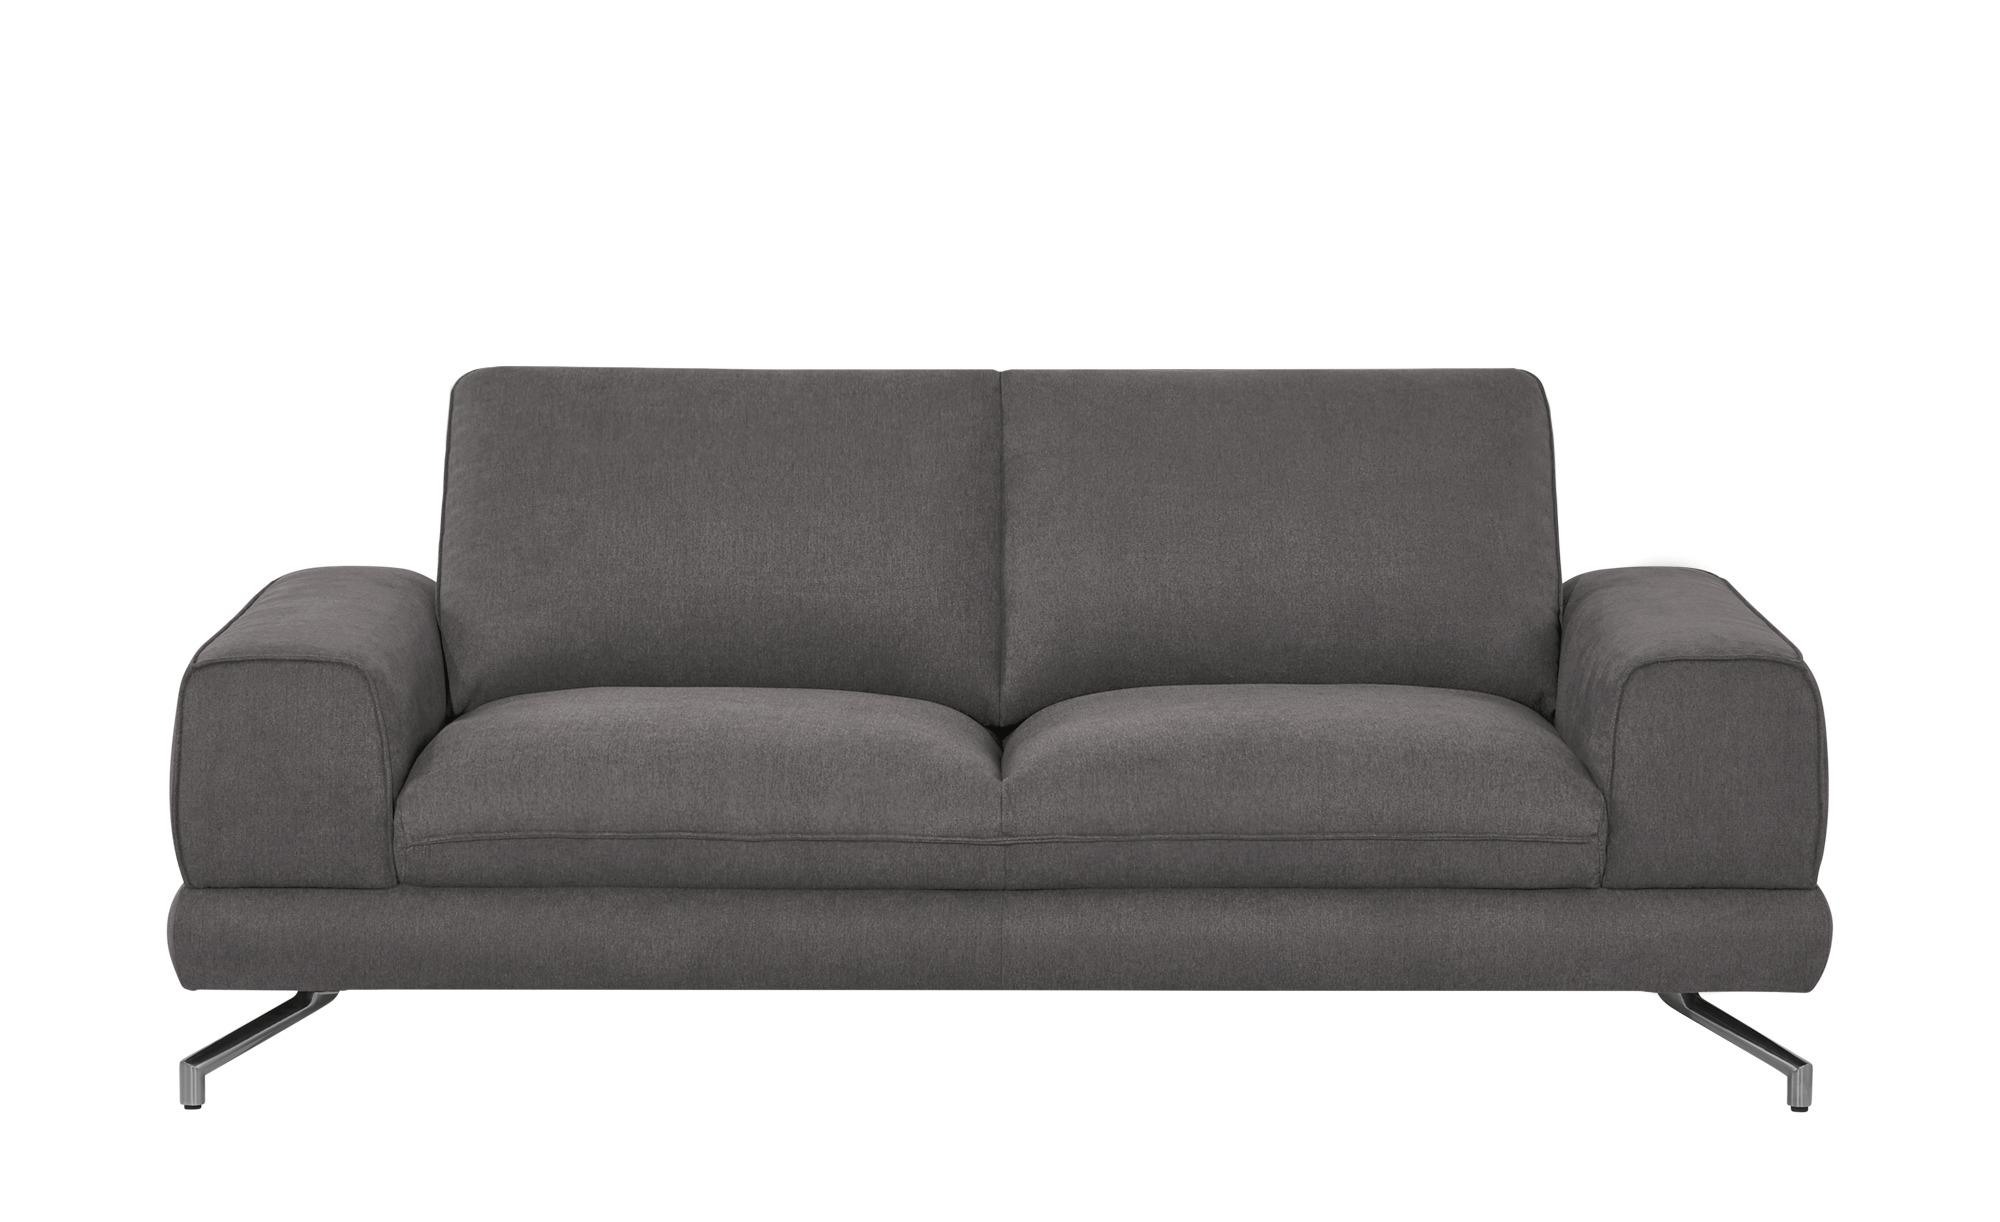 Full Size of Sofa 2 5 Sitzer Marilyn Federkern Microfaser Mit Relaxfunktion Grau Leder Stoff Landhausstil Elektrisch Schlaffunktion Couch Smart Dauerschläfer Bett Nussbaum Sofa Sofa 2 5 Sitzer